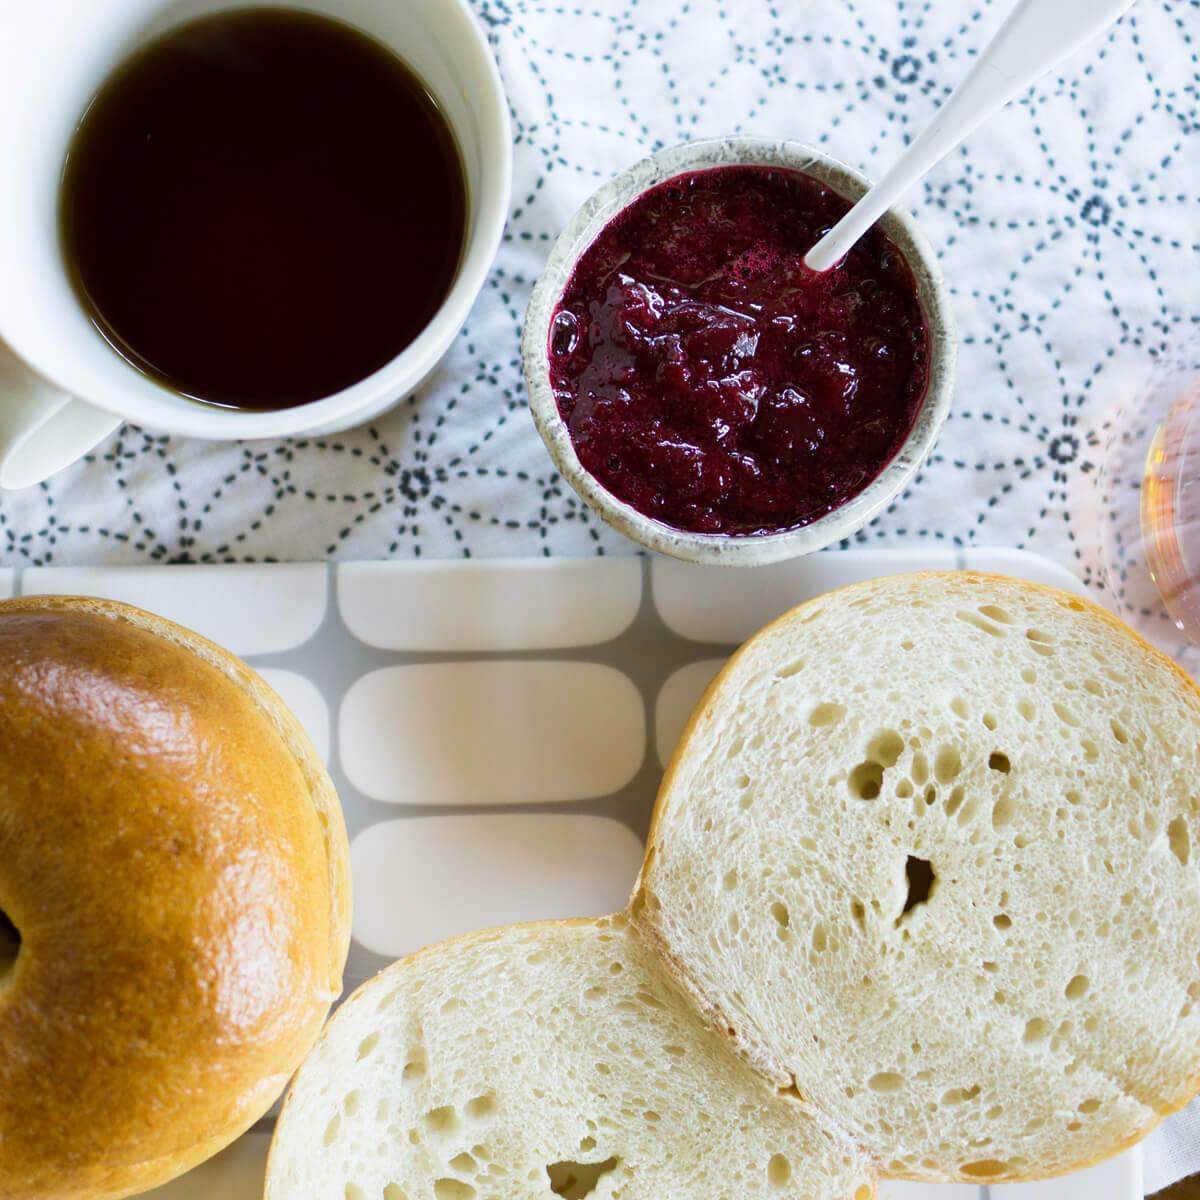 屋久島のすもも ジャムとパン、コーヒー 屋久島日々の暮らしとジュエリー オーダーメイドジュエリーのイマジネーション